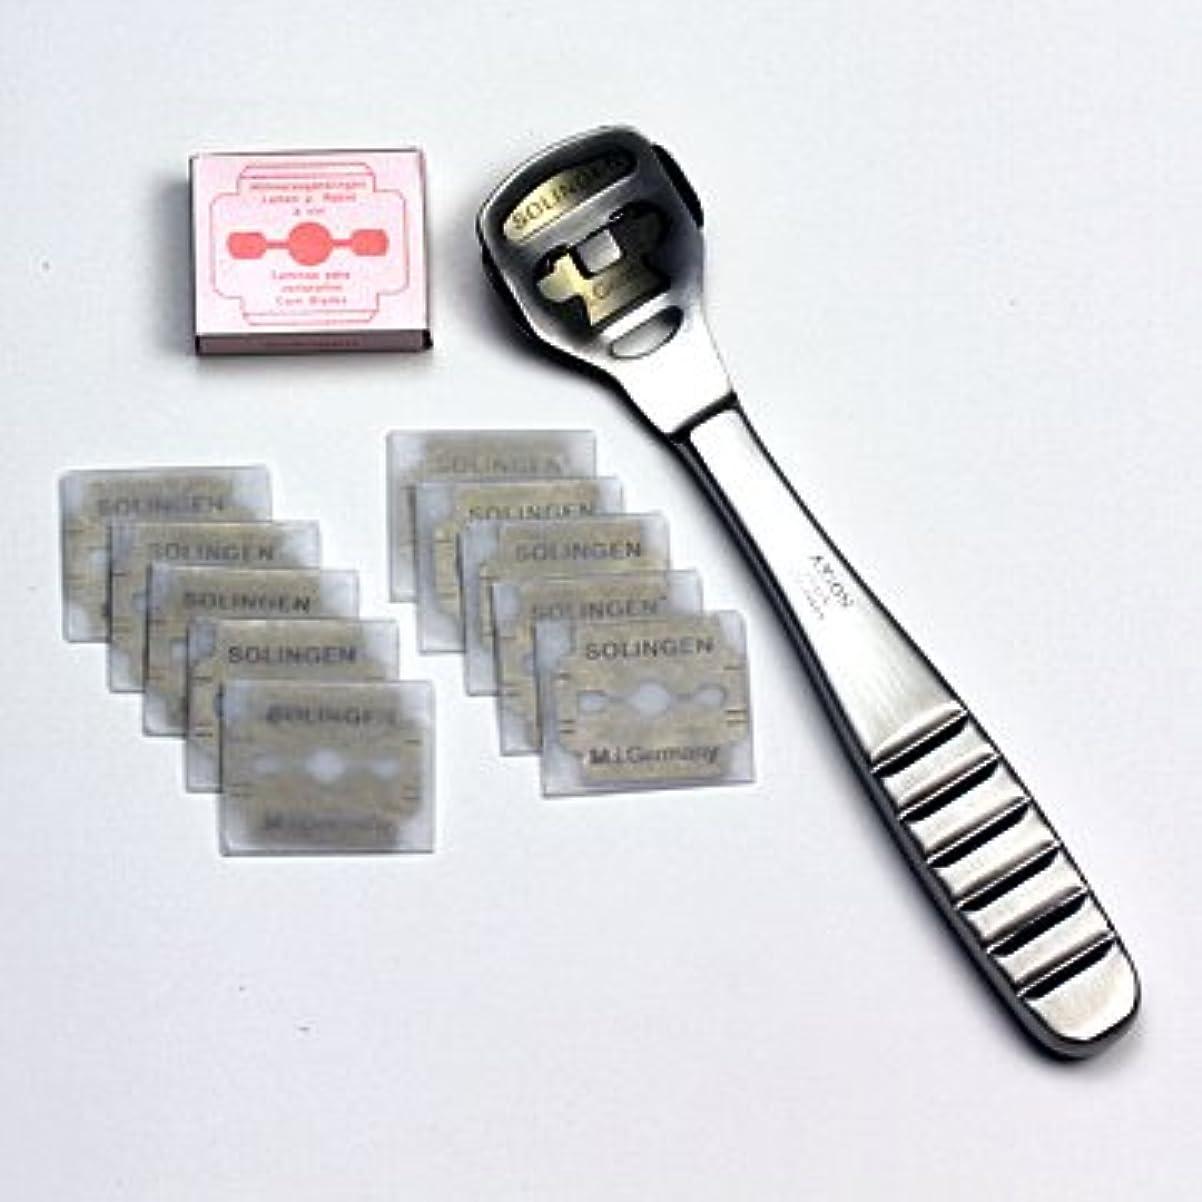 ほこり不適切な医薬ドイツ?ゾーリンゲン AXiON(アクシオン)ステンレス製かかと削り器(ゾーリンゲン製替刃11枚付)#slg008964fba